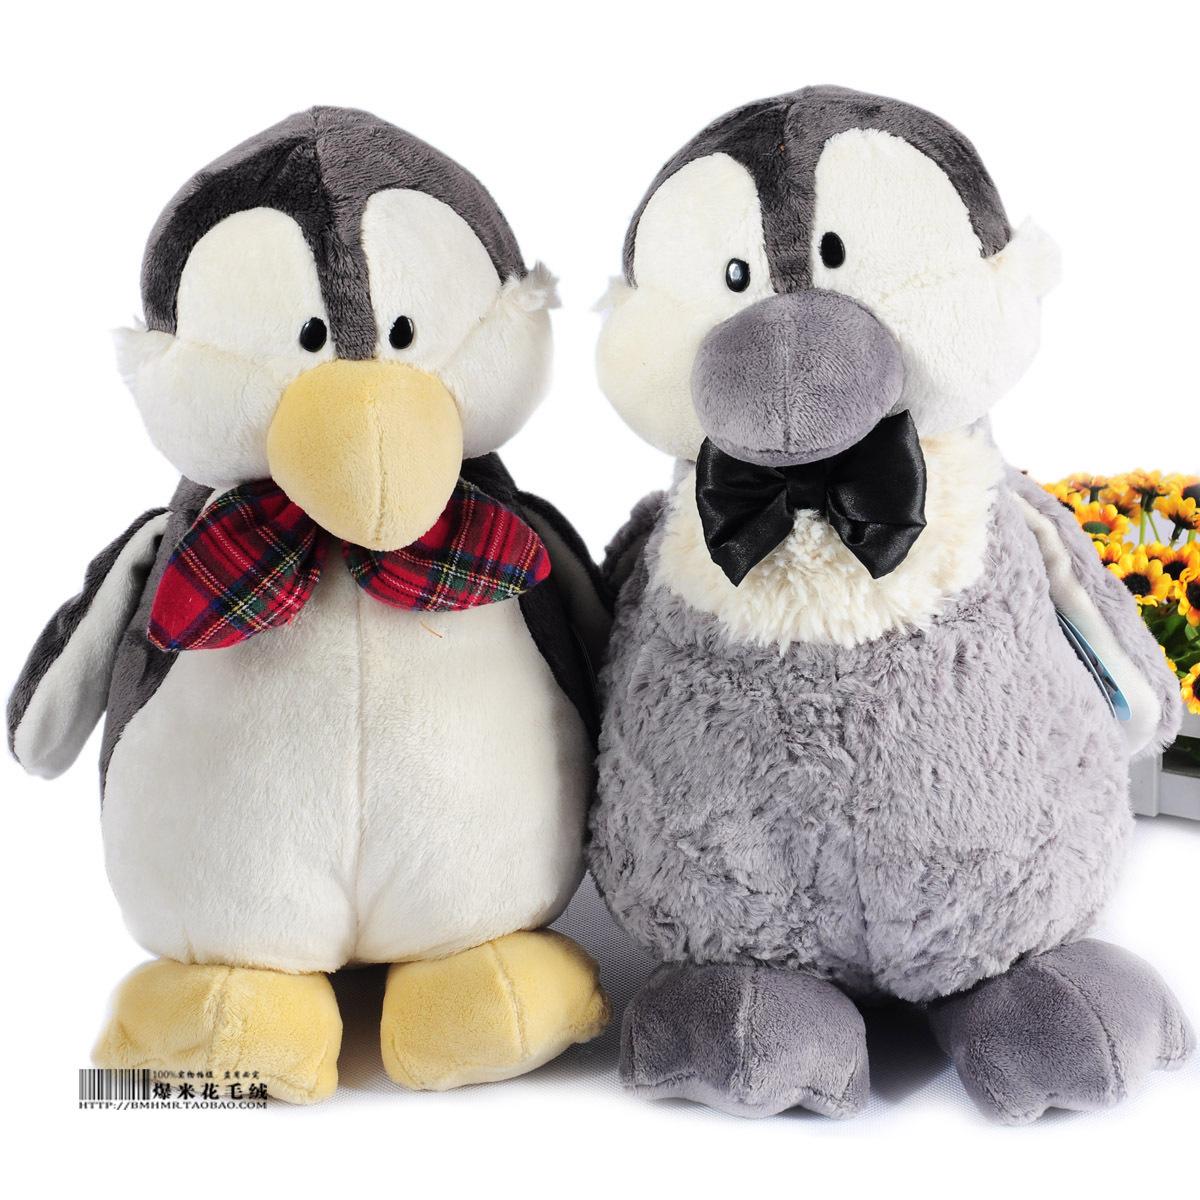 正版正品nici耳麦耳包企鹅情侣玩具毛绒公仔娃娃礼物